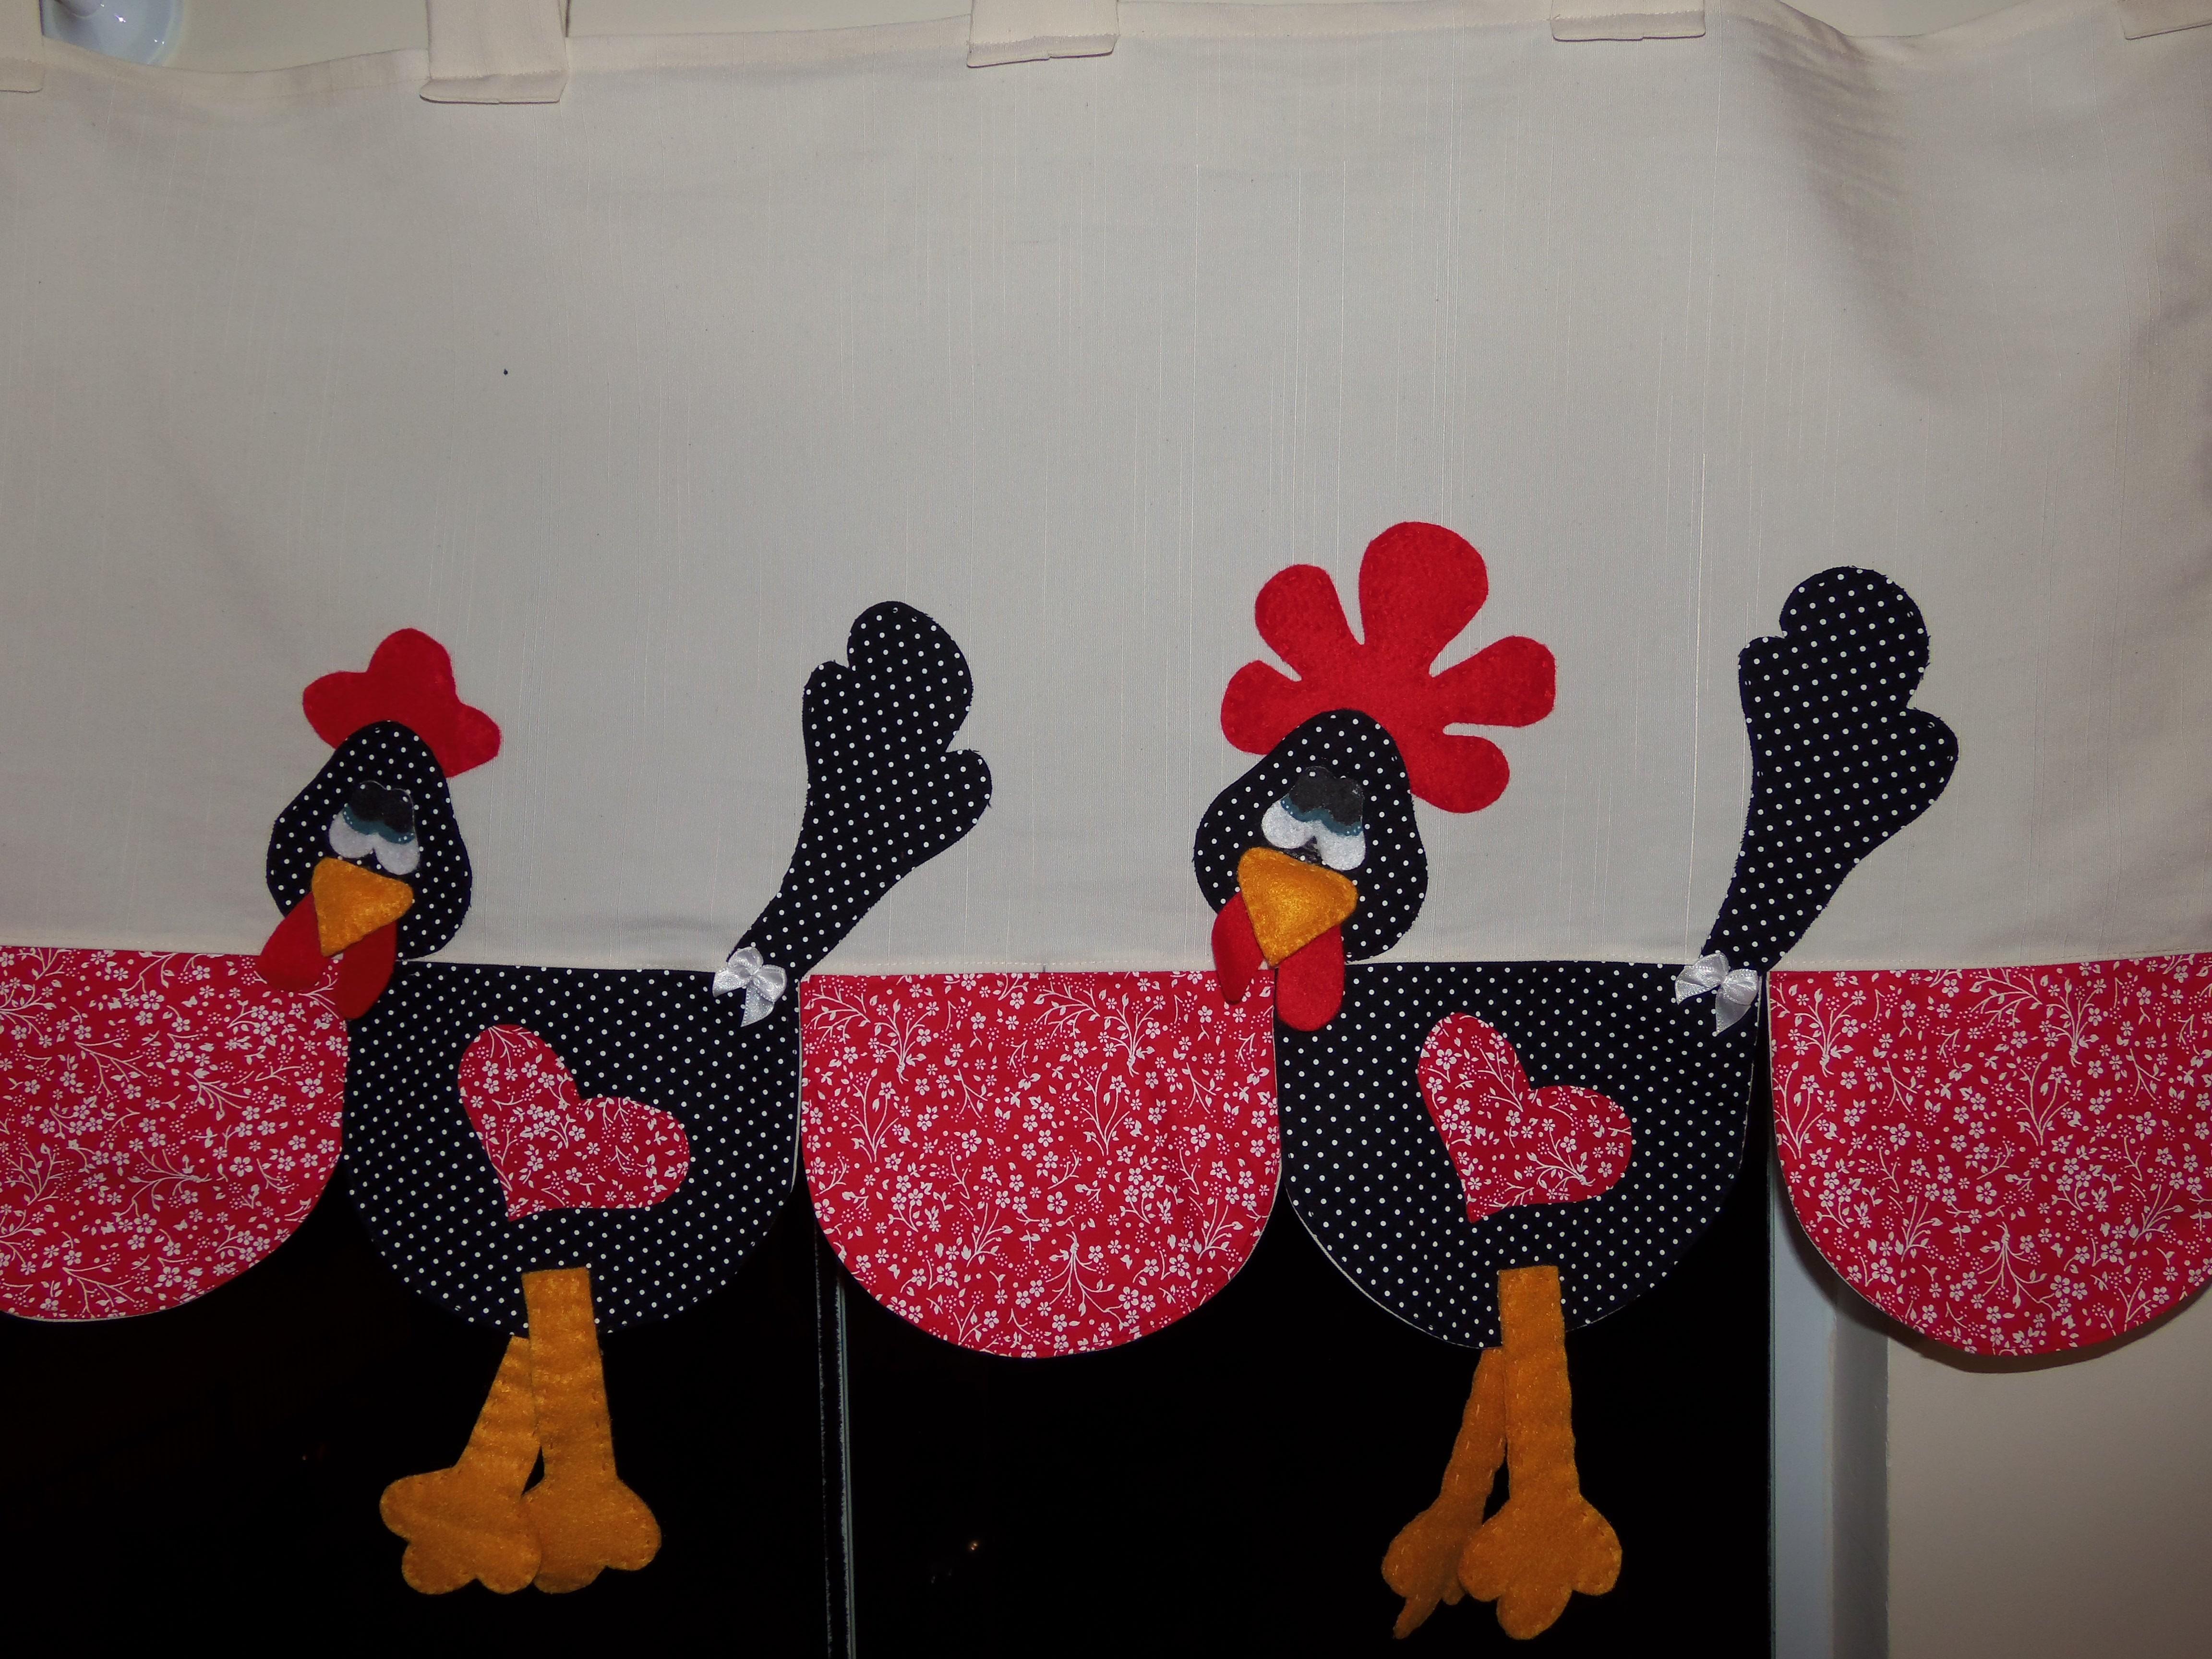 bando de cozinha de galinha bando de cozinha de galinha